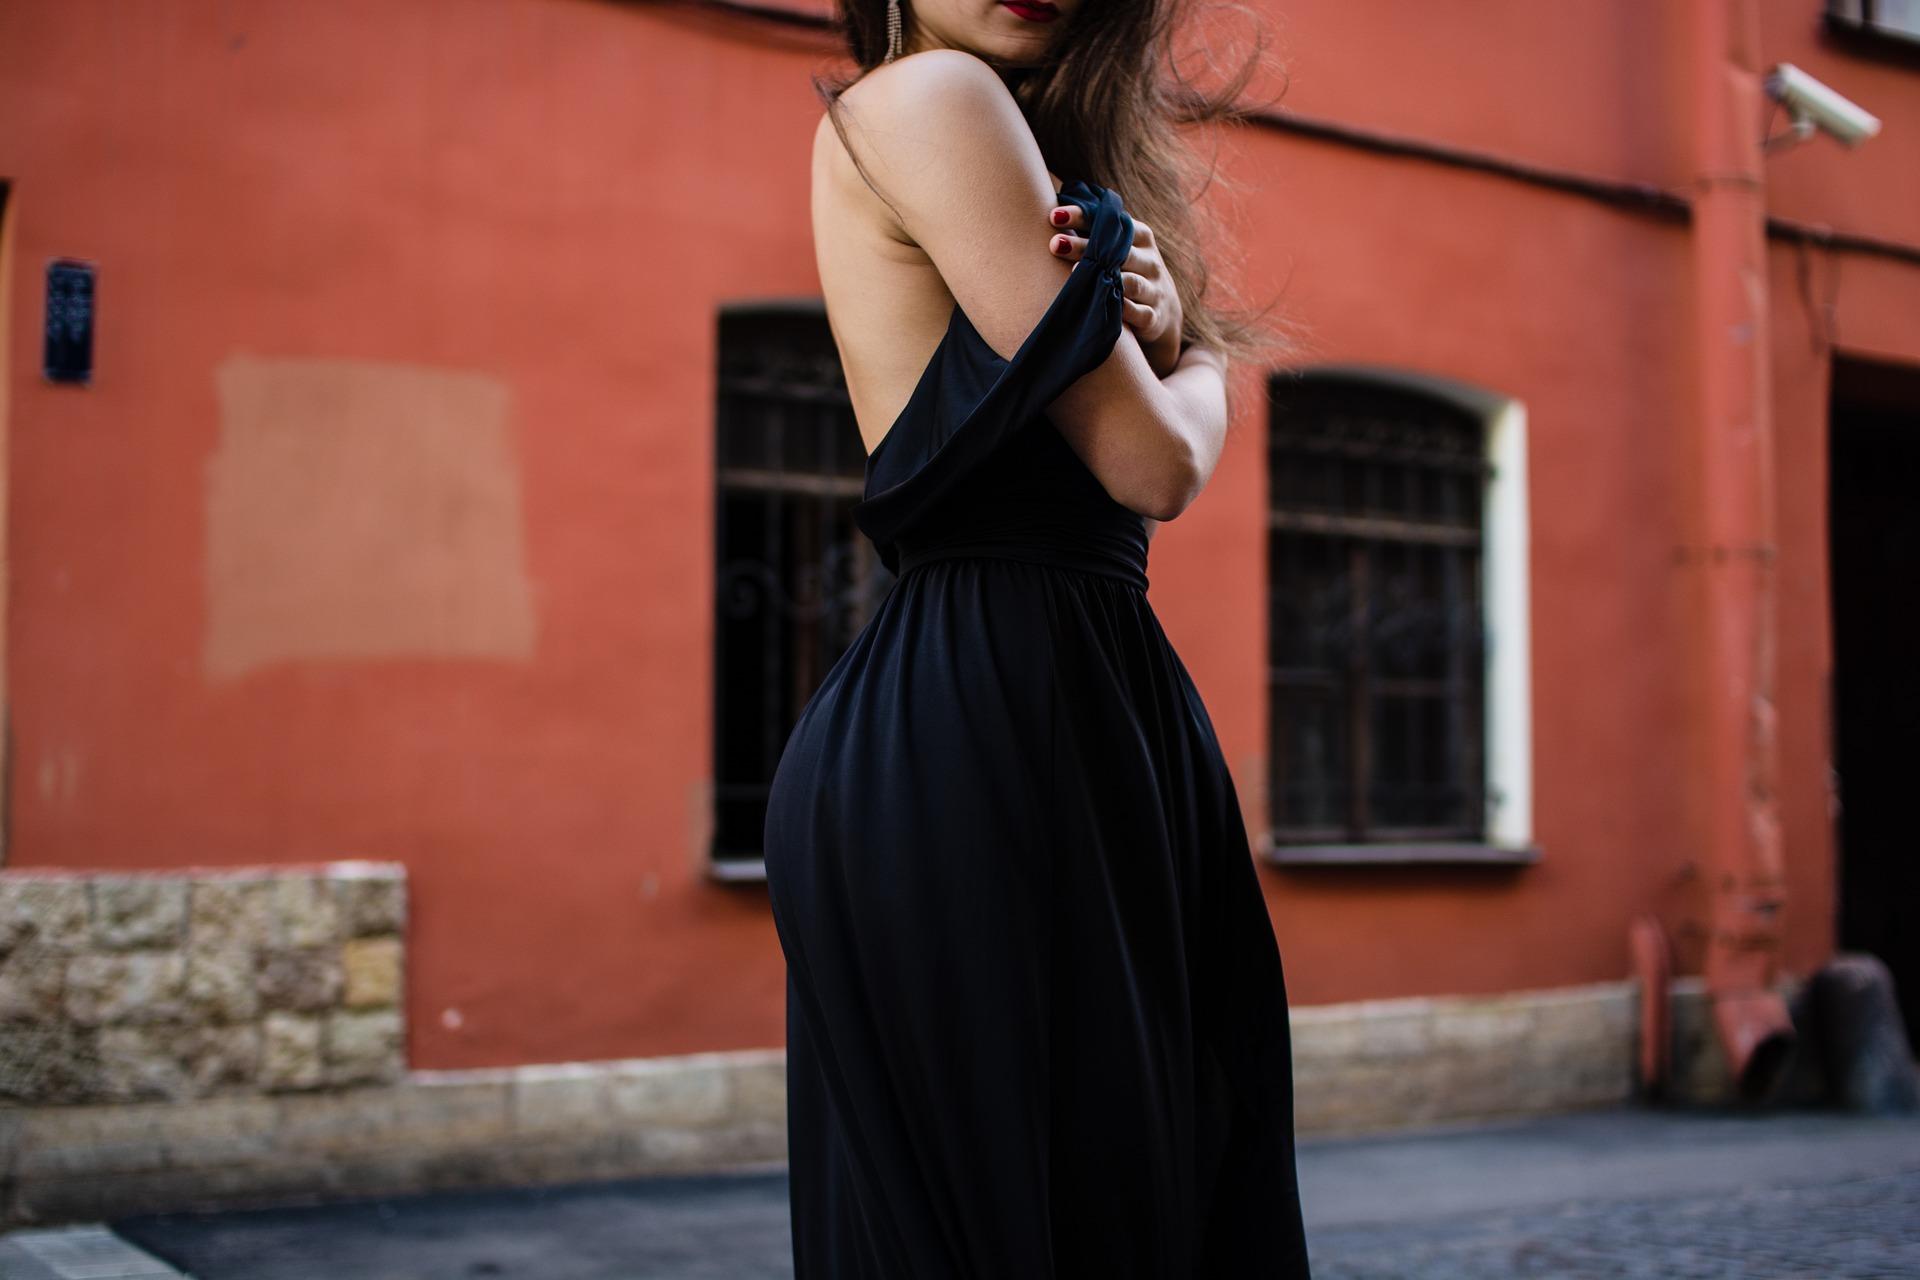 068195bfc0a Slušivá móda pro plnoštíhlé ženy  osvědčené rady a tipy - Trendy Žena